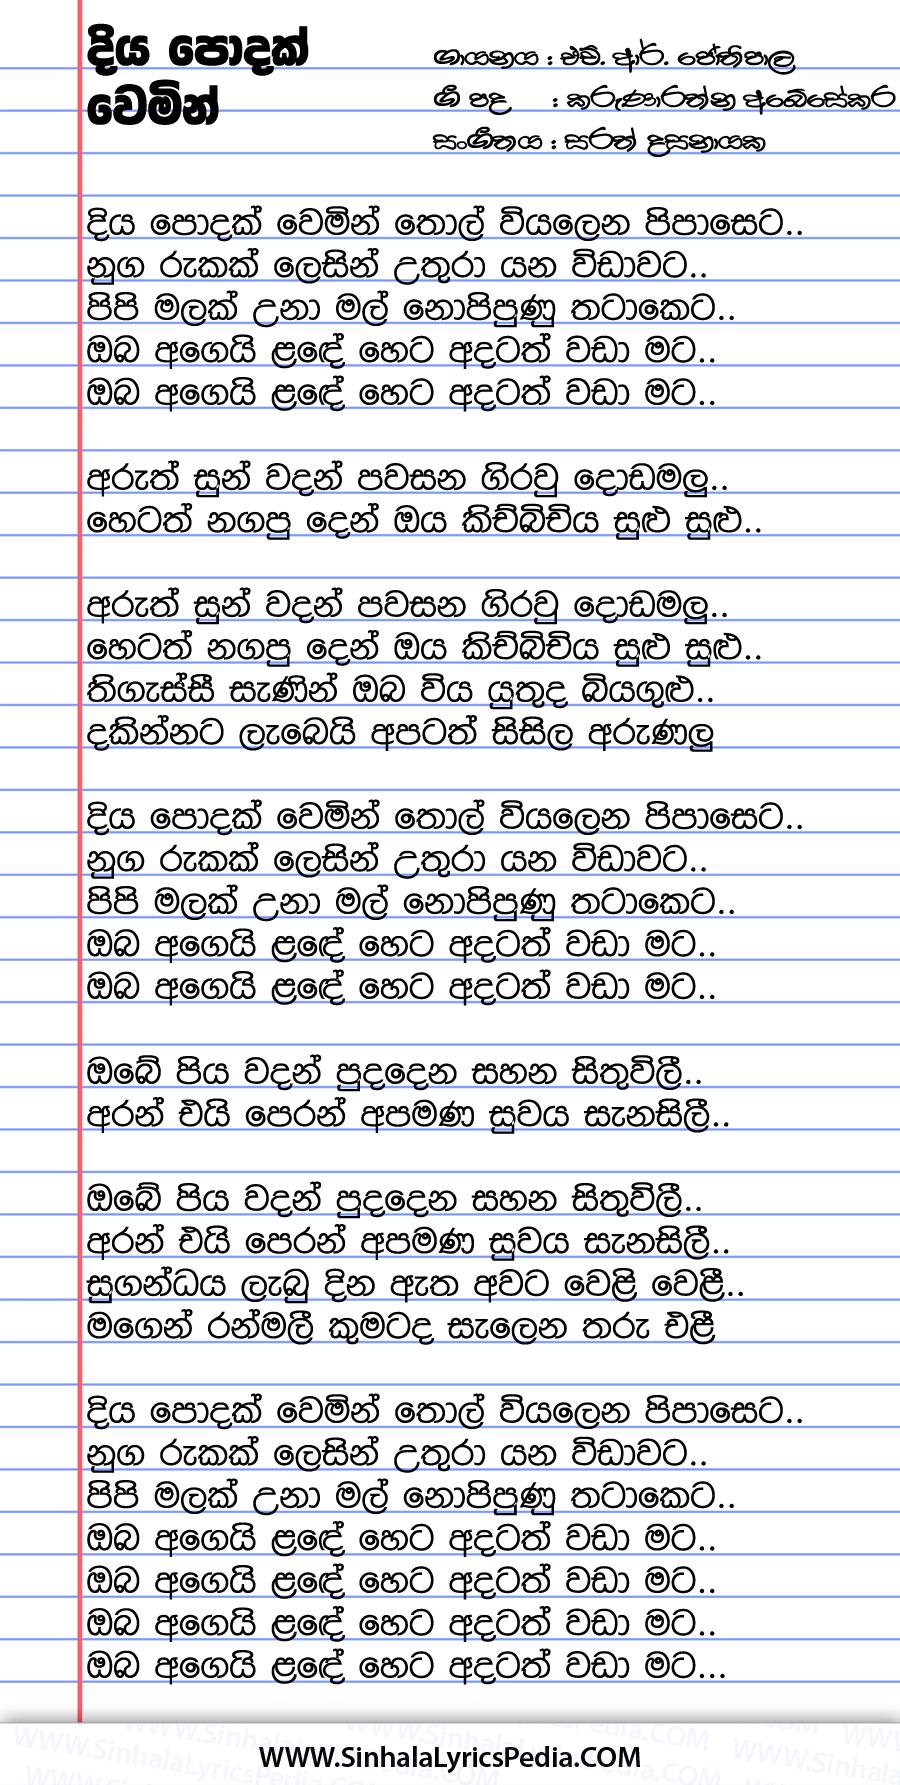 Diya Podak Wemin Thol Wiyalena Pipaseta Song Lyrics